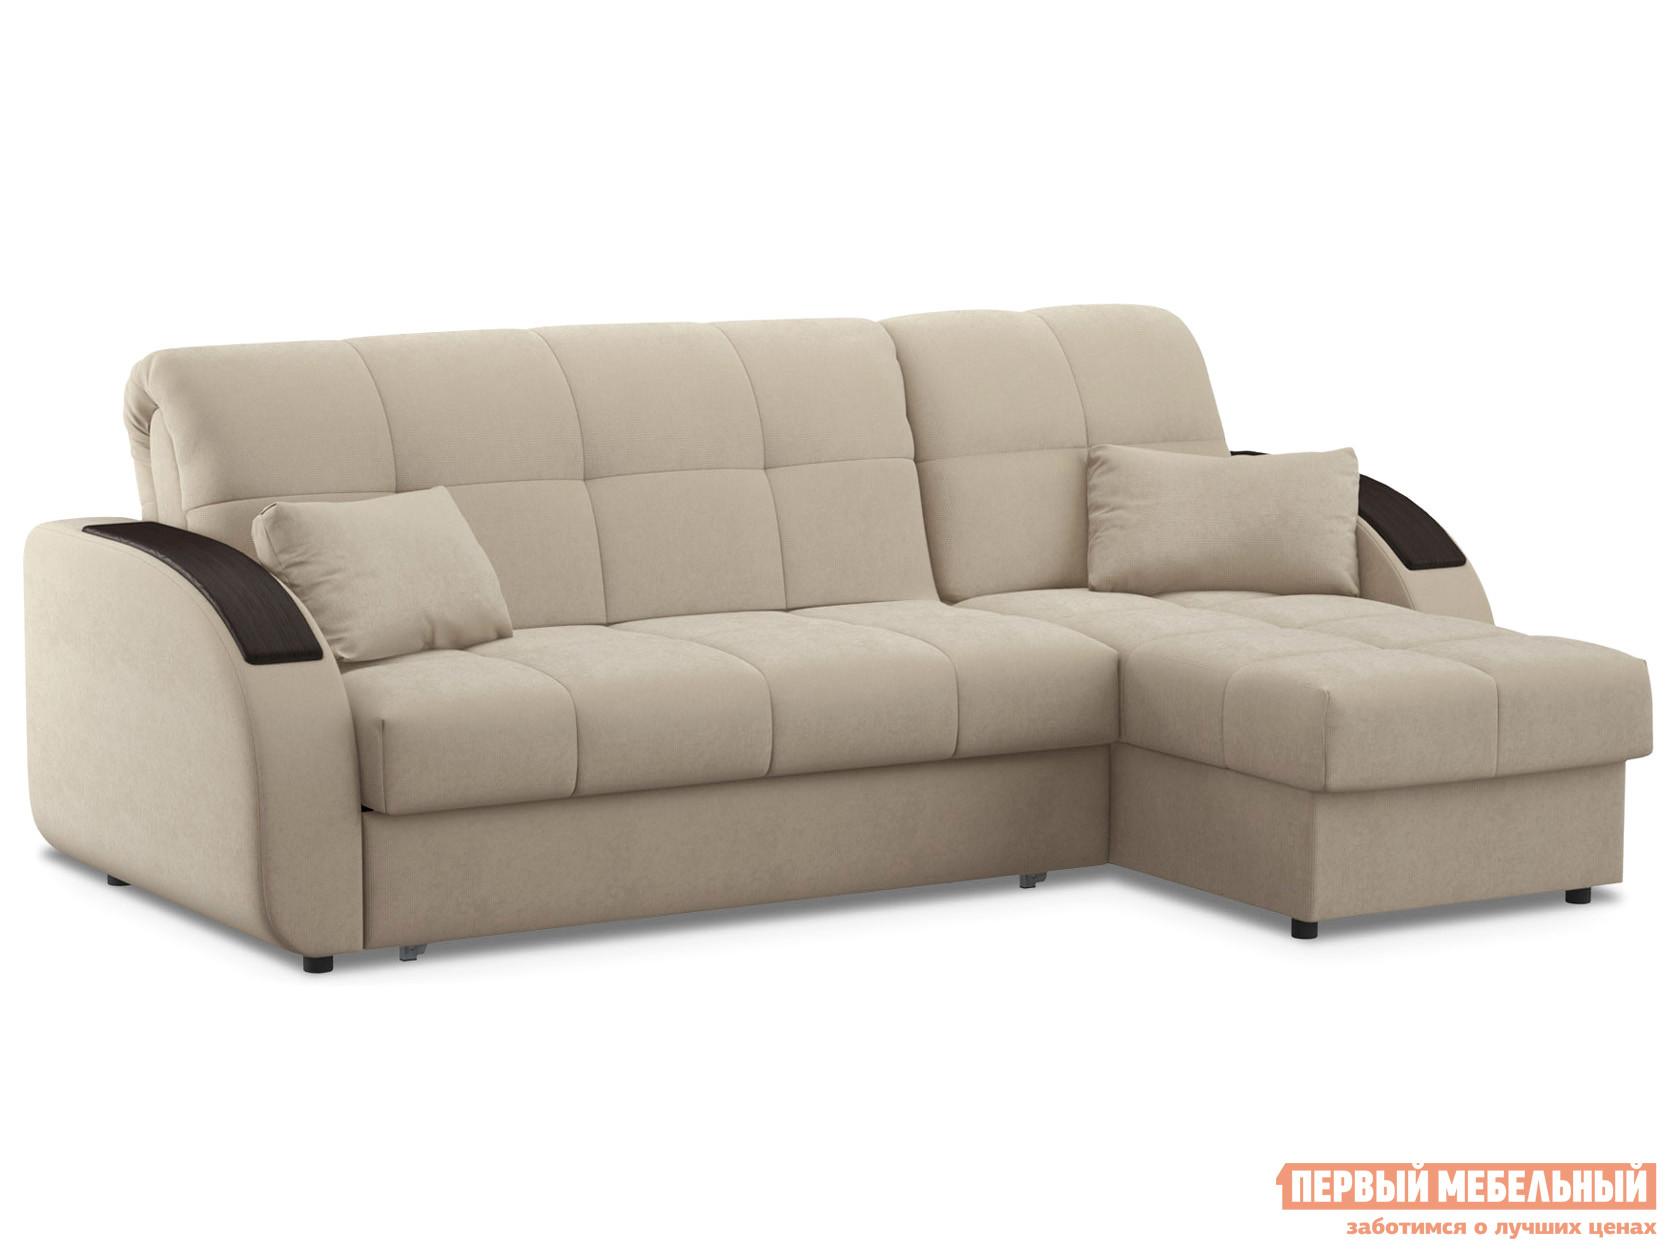 Угловой диван Первый Мебельный Диван Уильям Люкс с оттоманкой